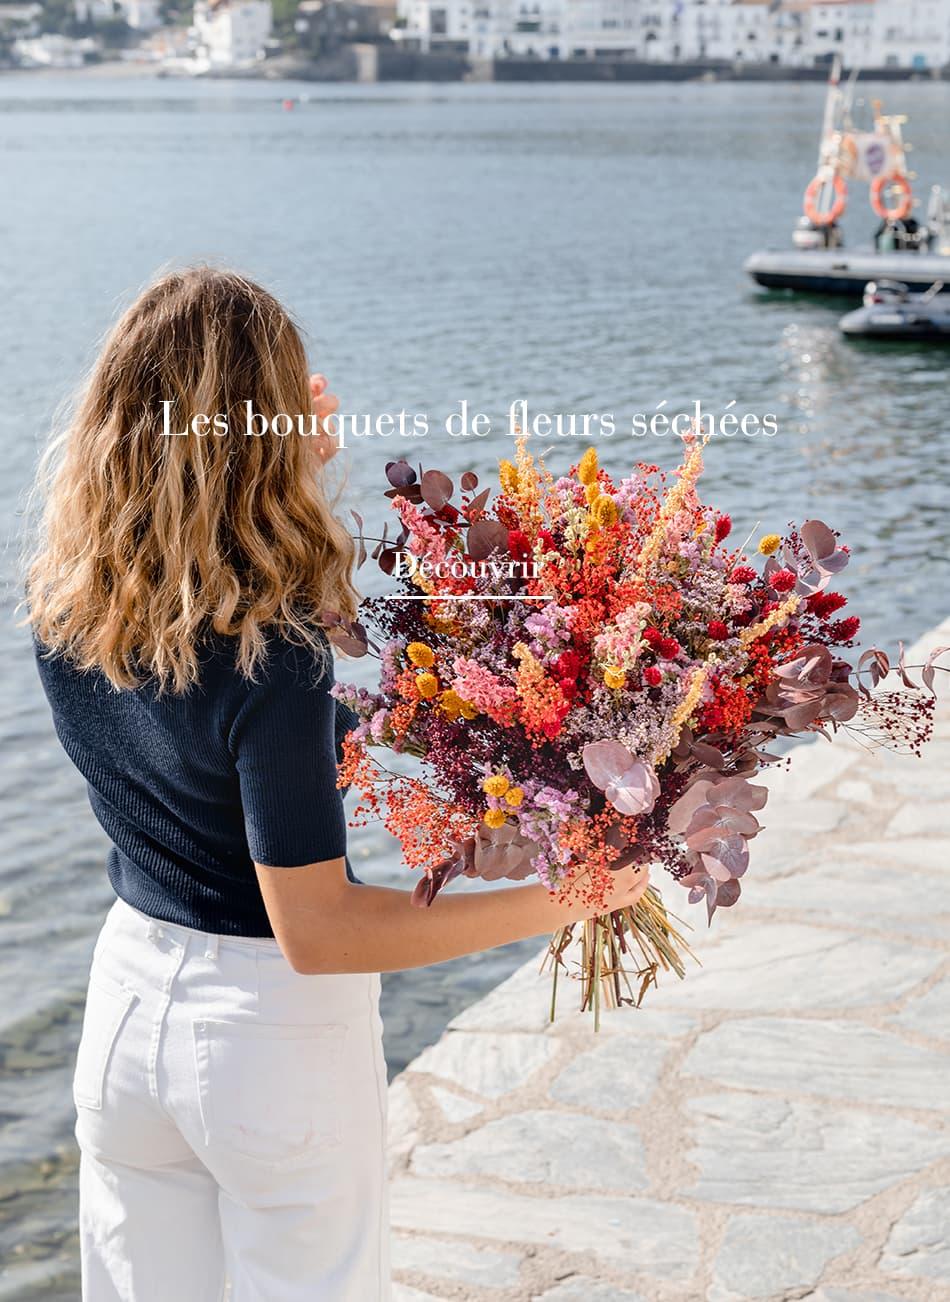 Bouquet-calanans-rosa-cadaques-fleurs-séchées-2